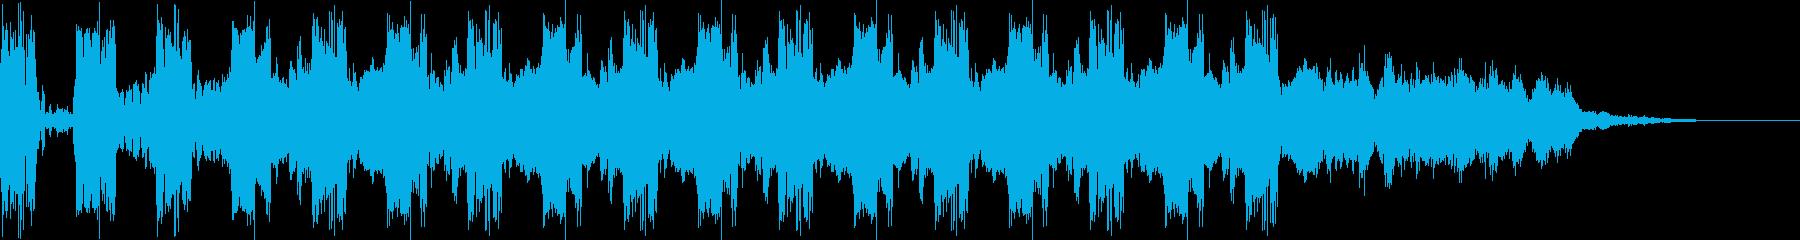 リバーブ出力付き警告アラームパルスの再生済みの波形